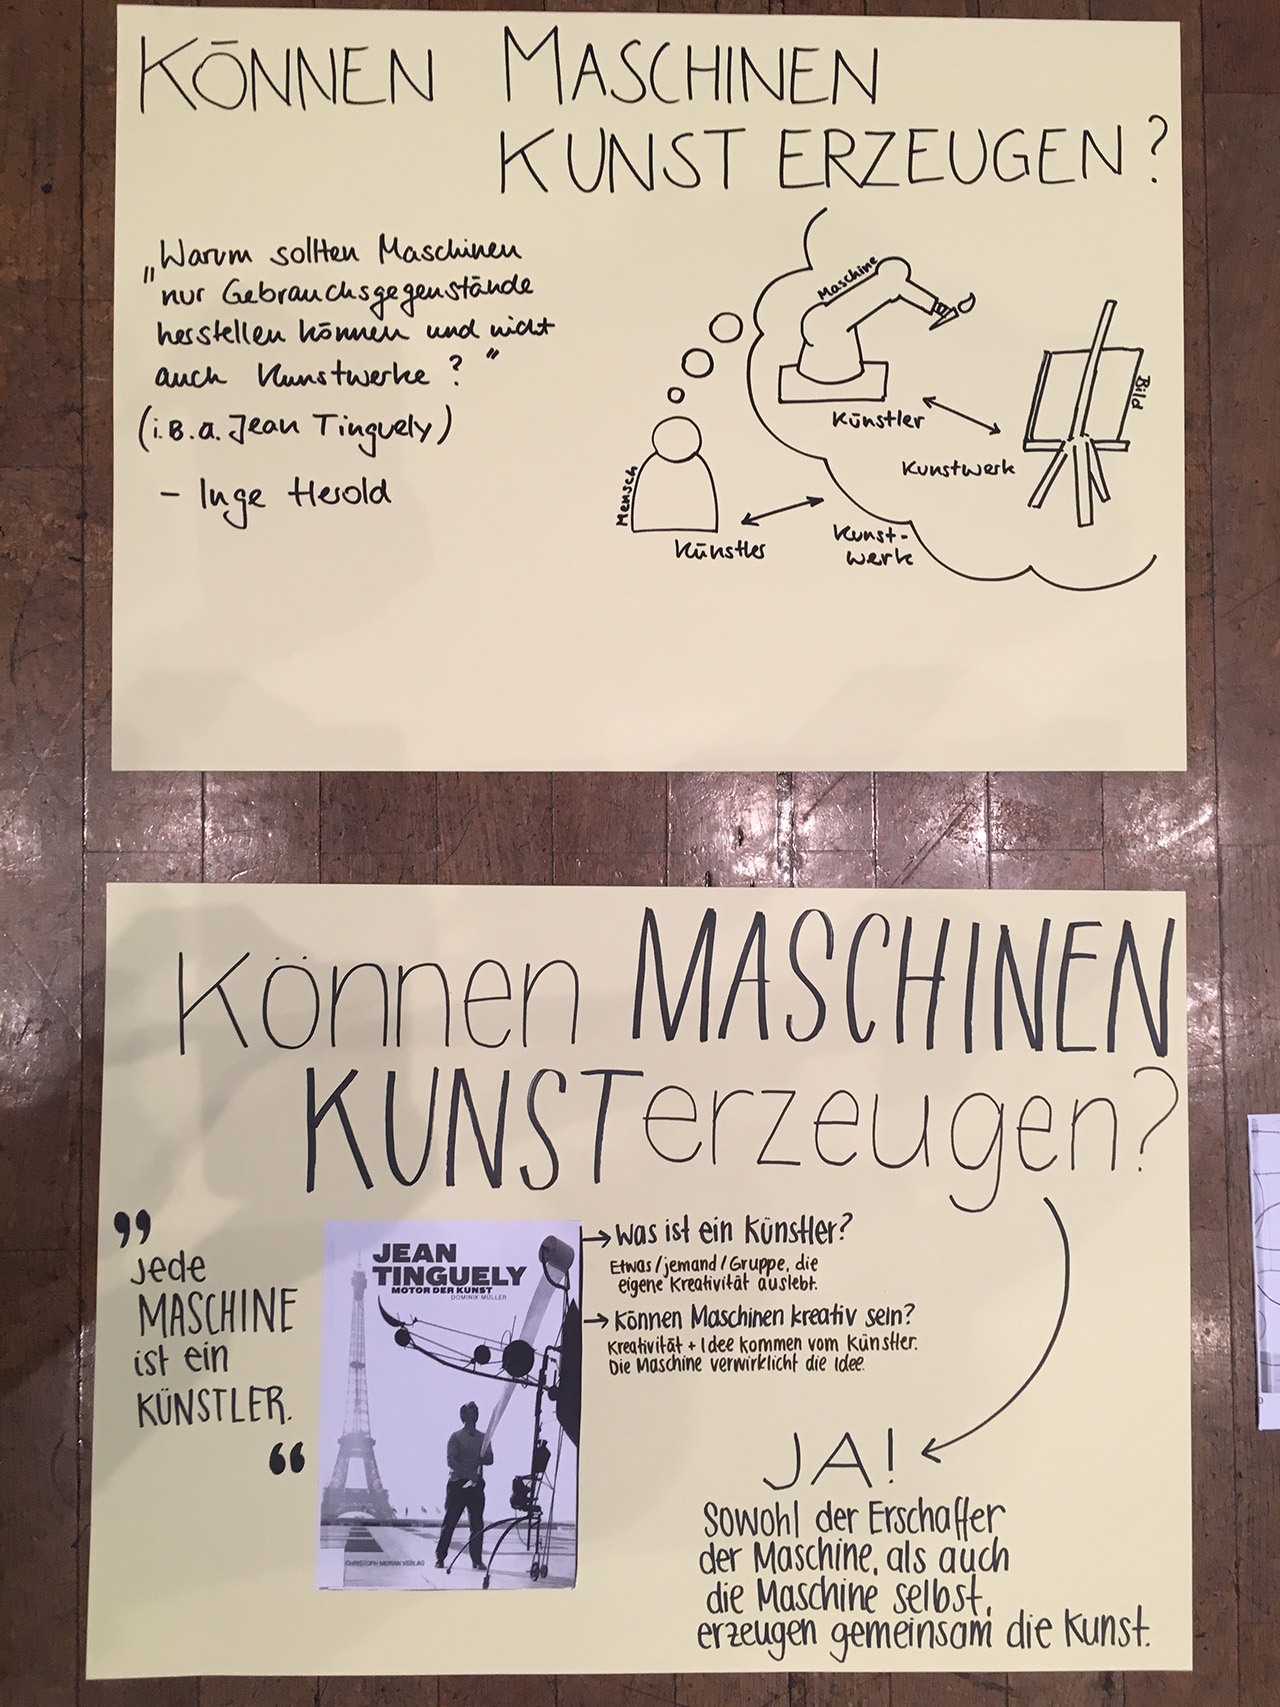 KATAPULT_Kunstmaschinen_WS1819_006_1280px